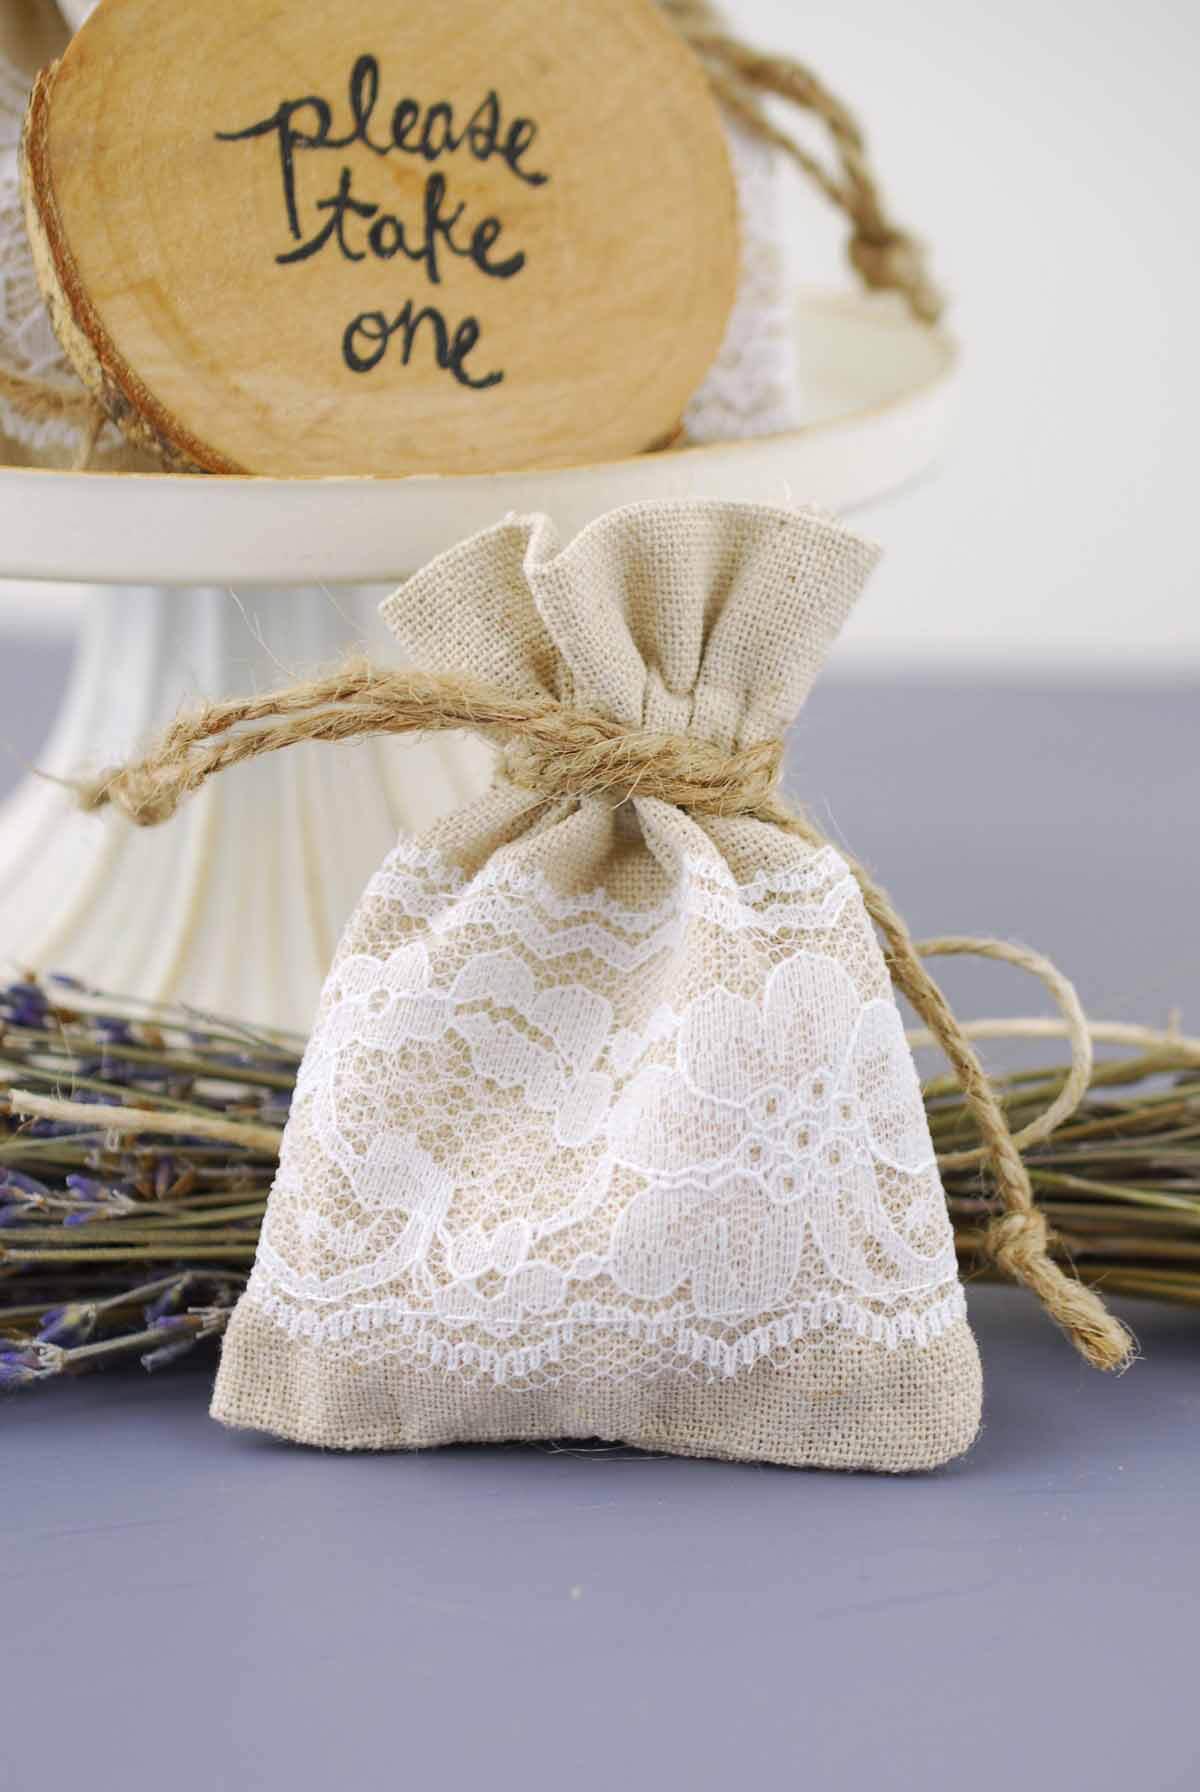 12 Linen & Lace 3x4 Favor Bags